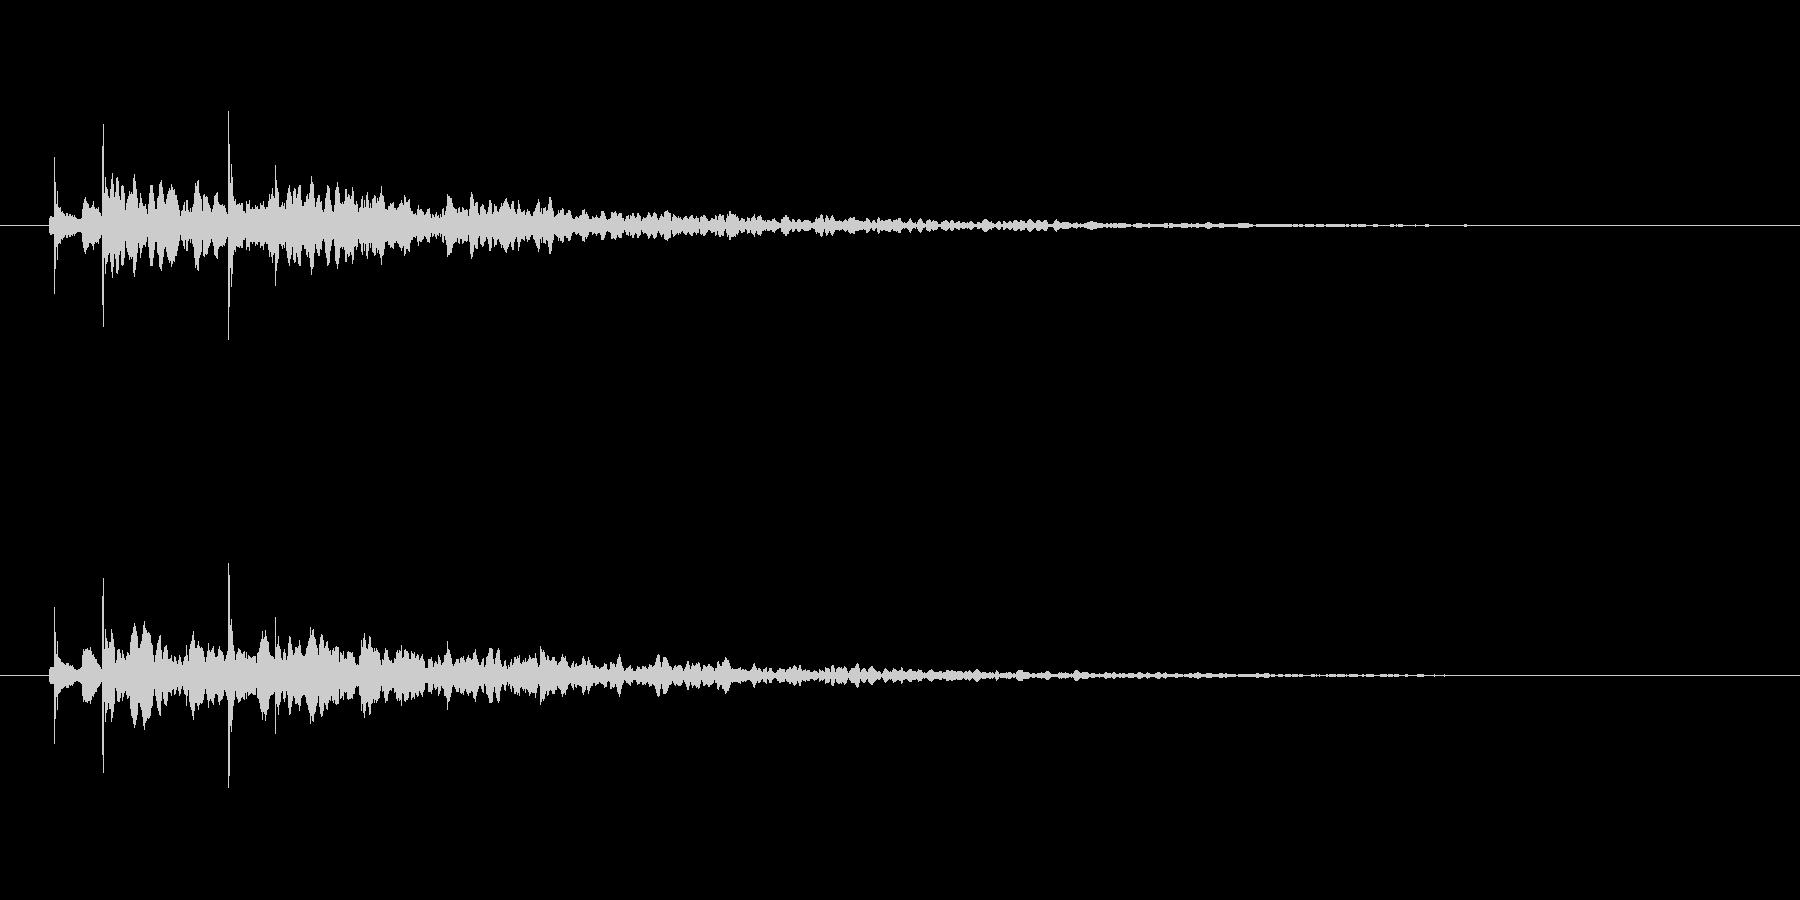 【アクセント37-2】の未再生の波形